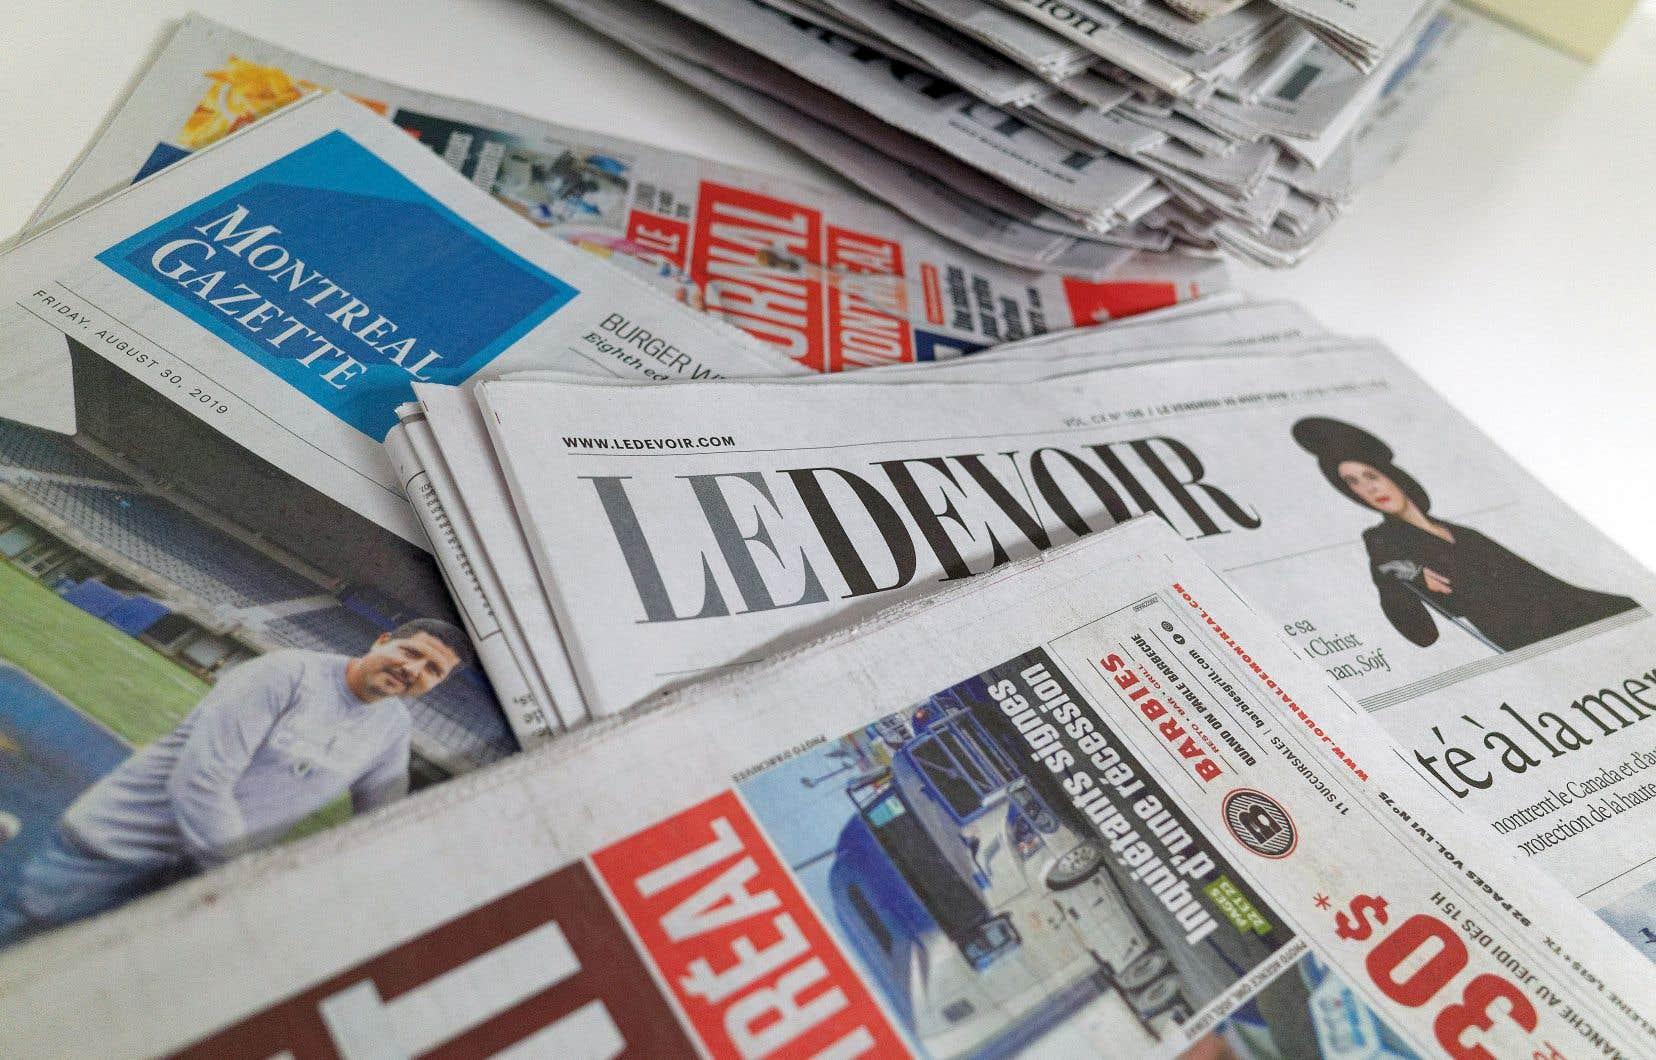 Les réseaux sociaux sur lesquels se partagent les articles de médias — que ce soit «Le Devoir», «Le Soleil», «La Presse» ou «Le Journal de Montréal» — devront dédommager ces médias pour l'utilisation de leur matériel original,